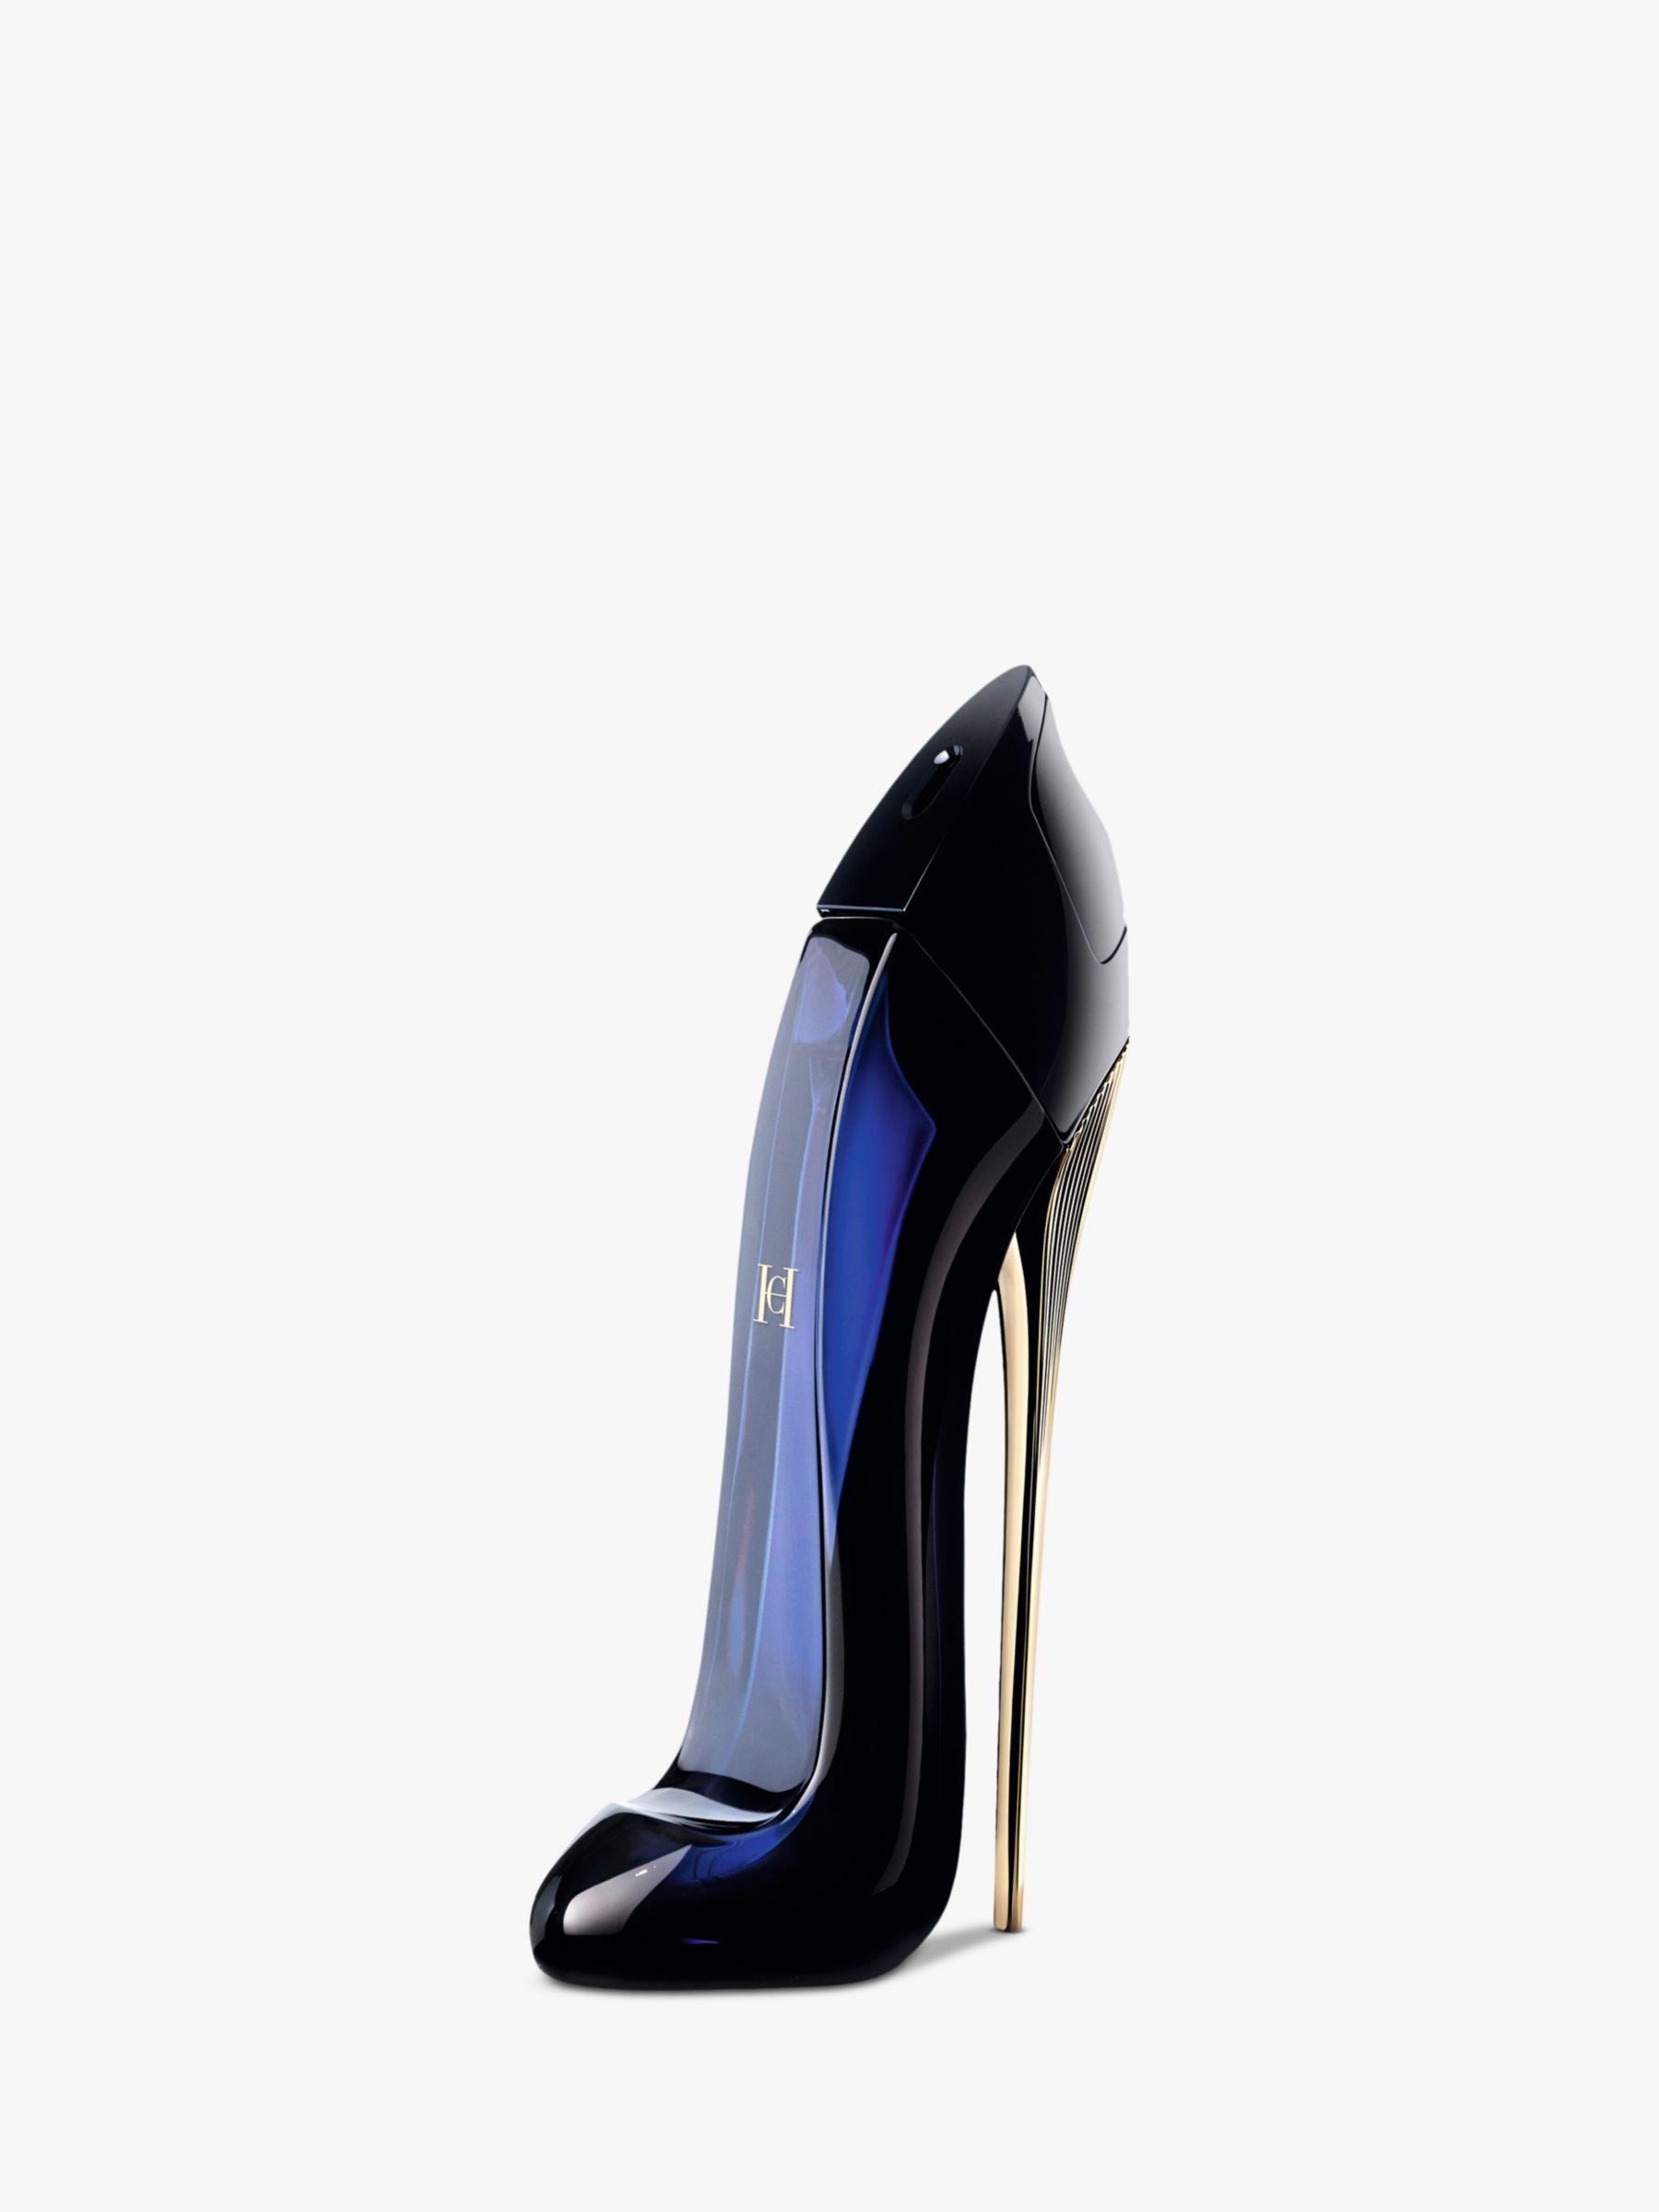 Carolina Herrera Carolina Herrera GOOD GIRL Eau de Parfum, 150ml